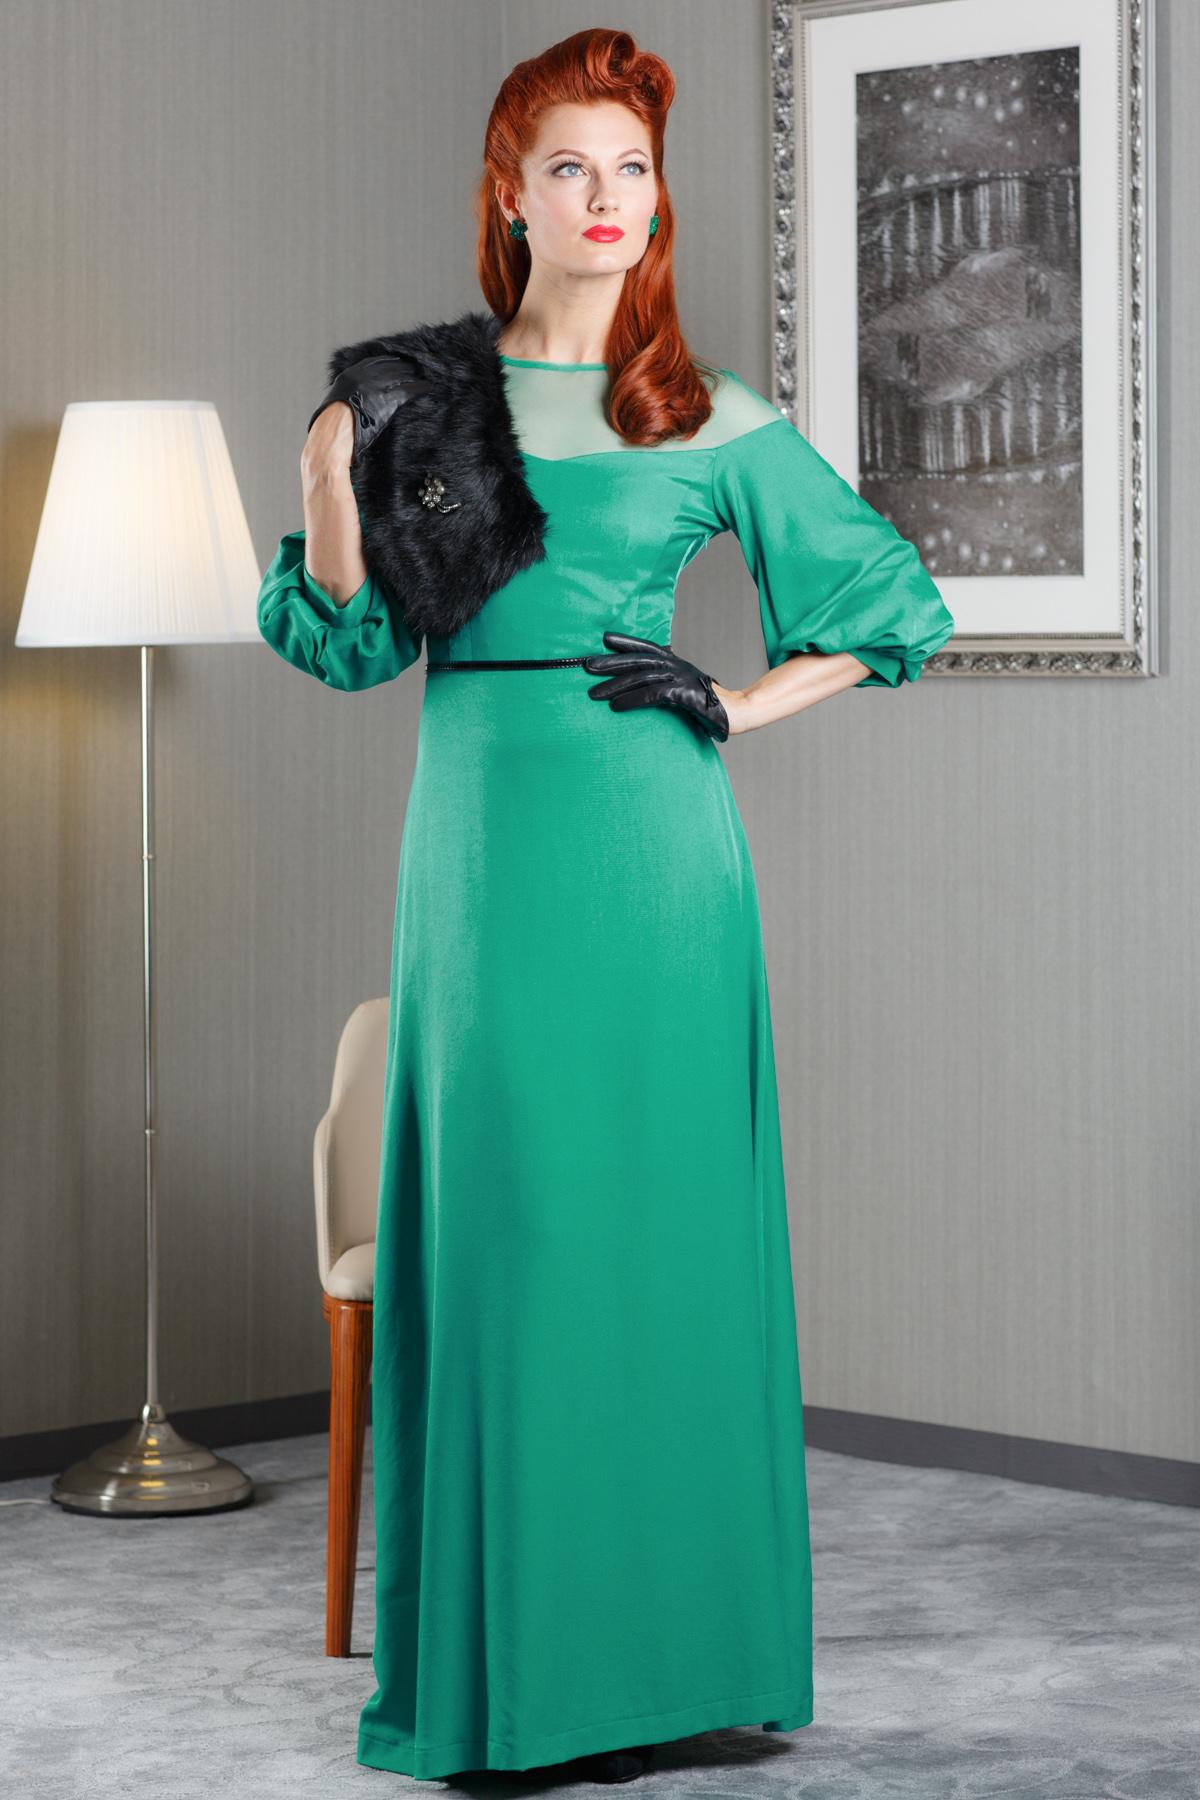 ПлатьеПлатья<br>Элегантное женское платье в пол. Модель выполнена из плотного материала. Отличный выбор для любого торжества. Пояс в комплект не входит  Цвет: зеленый<br><br>Горловина: С- горловина<br>По длине: Макси<br>По материалу: Вискоза,Тканевые<br>По рисунку: Однотонные<br>По сезону: Весна,Всесезон,Зима,Лето,Осень<br>По силуэту: Полуприталенные<br>Рукав: Рукав три четверти<br>По форме: Платье - футляр<br>По стилю: Молодежный стиль,Нарядный стиль,Вечерний стиль<br>Размер : 42,44,46<br>Материал: Атлас + Гипюровая сетка<br>Количество в наличии: 3